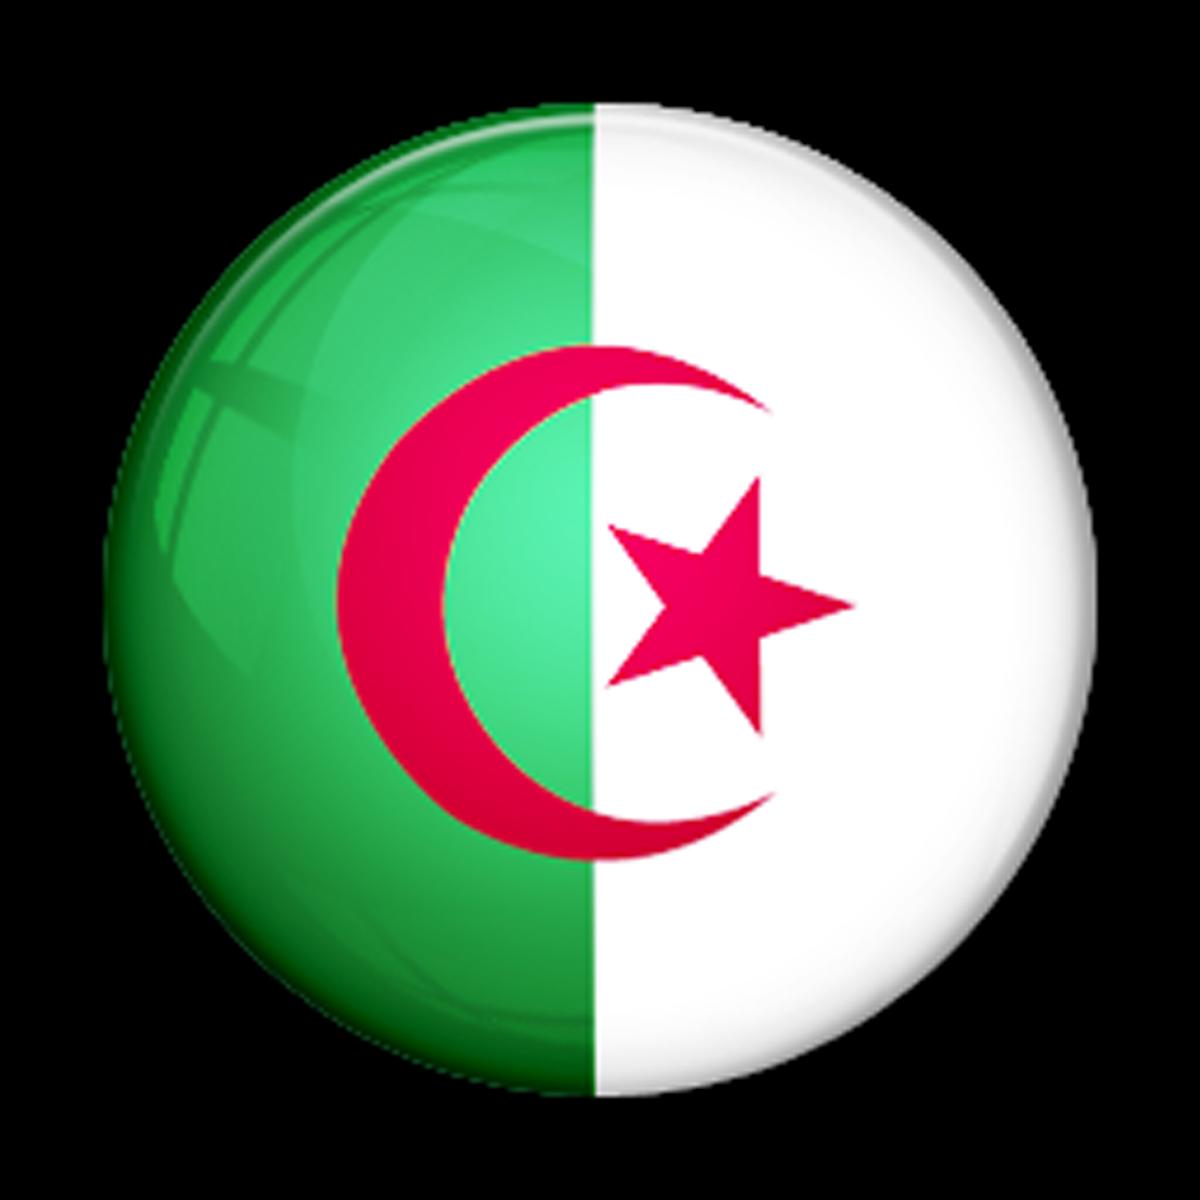 ملخص مباراة وفاق سطيف و ويسترن سيدني 2-2 ضربات الجزاء (5-4) تعليق عادل خلو كأس العالم للأندية HD